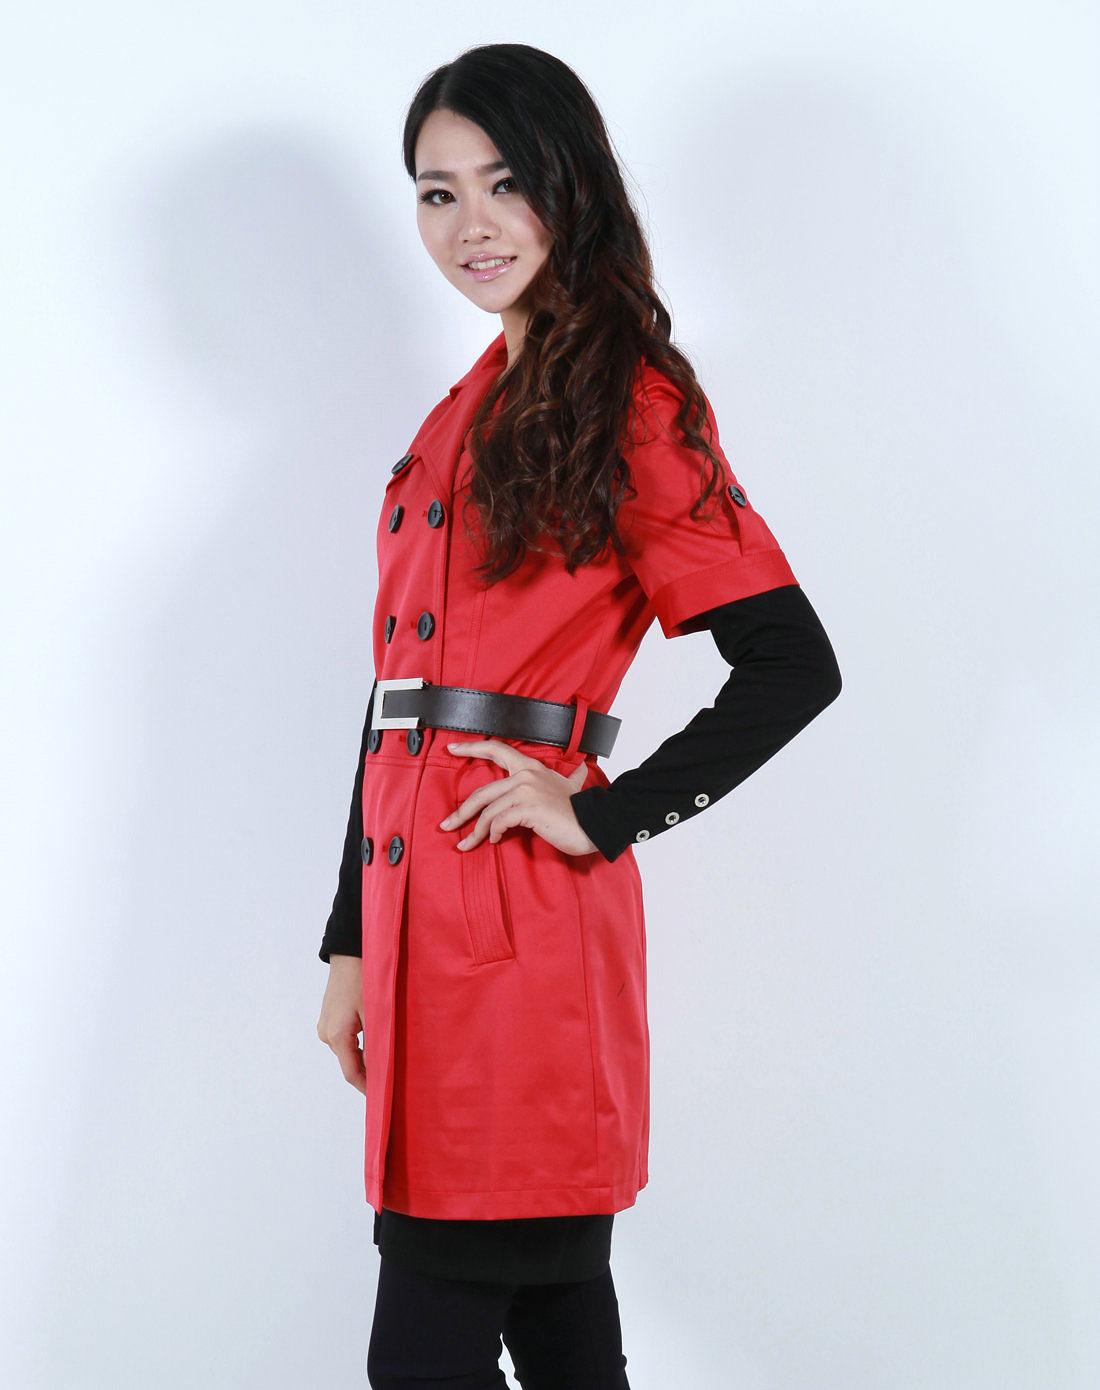 风衣女装_女装红色风衣